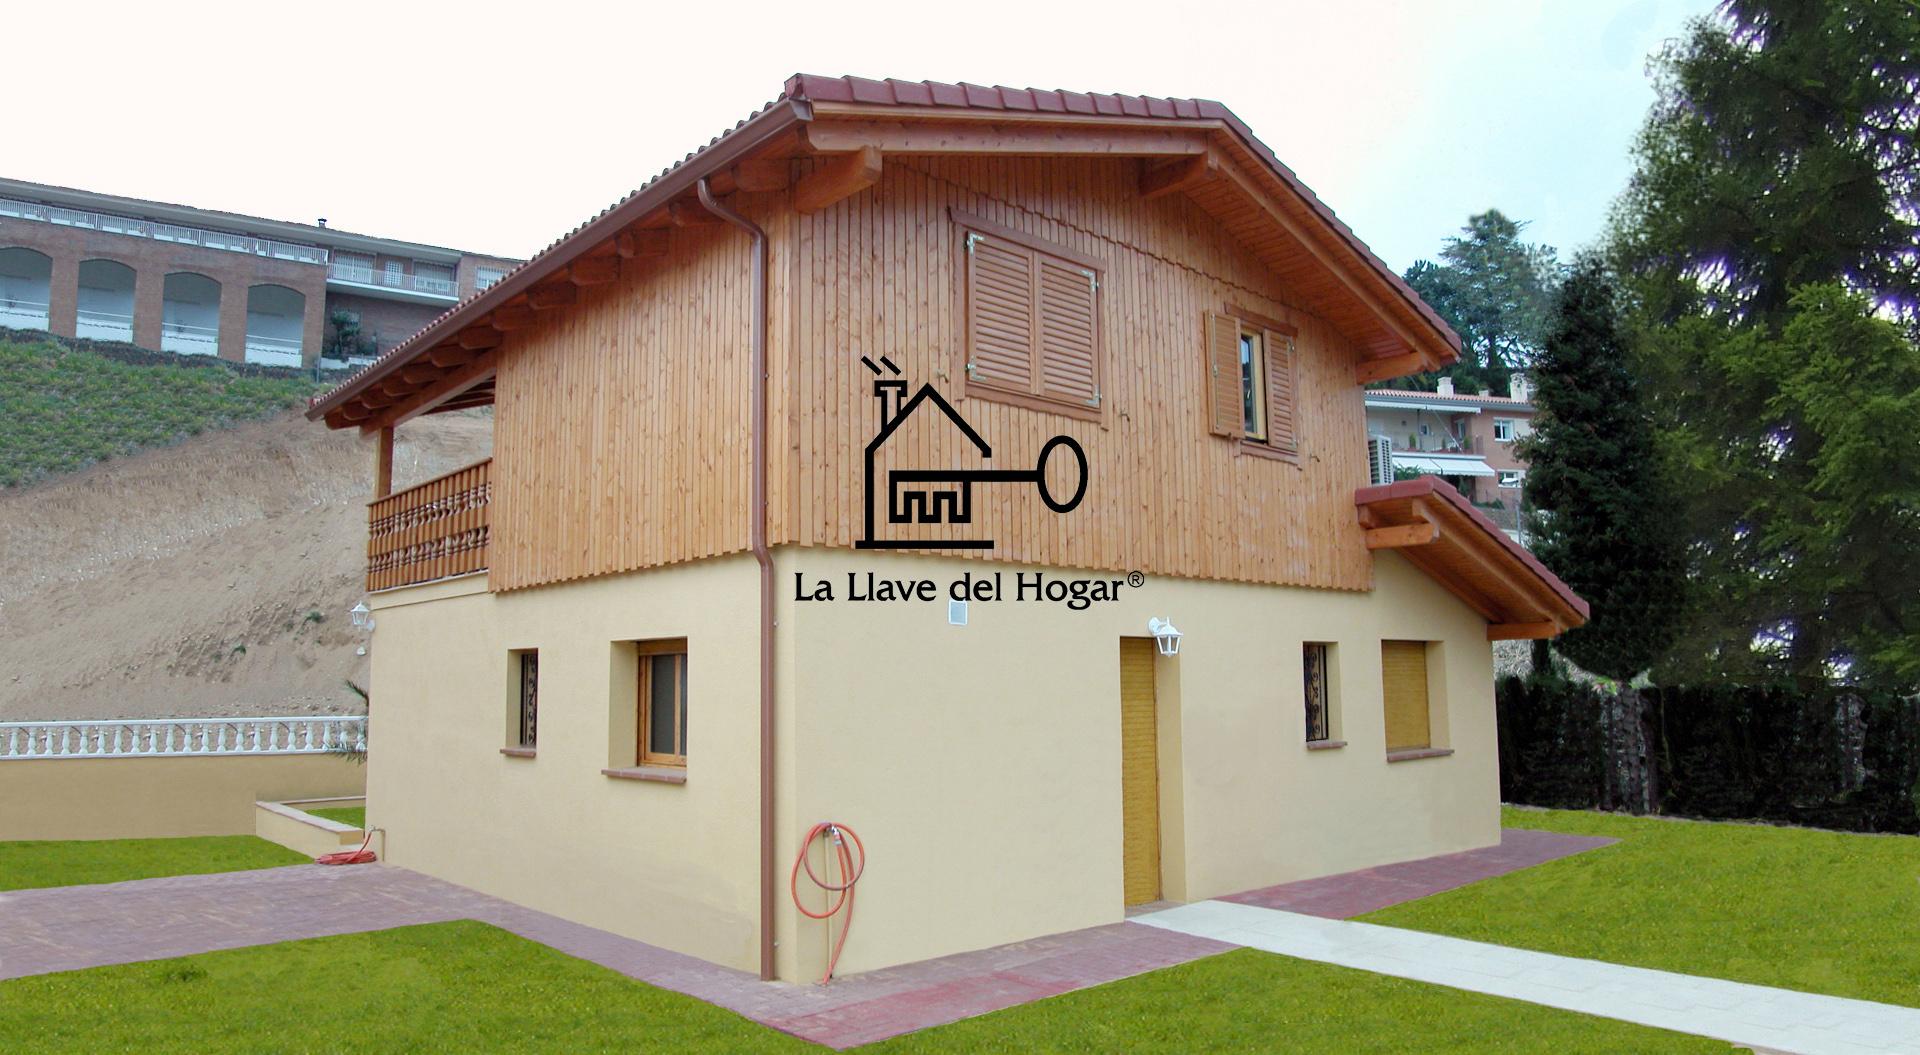 San pol 130m casas de madera la llave del hogar - Casas entramado ligero ...